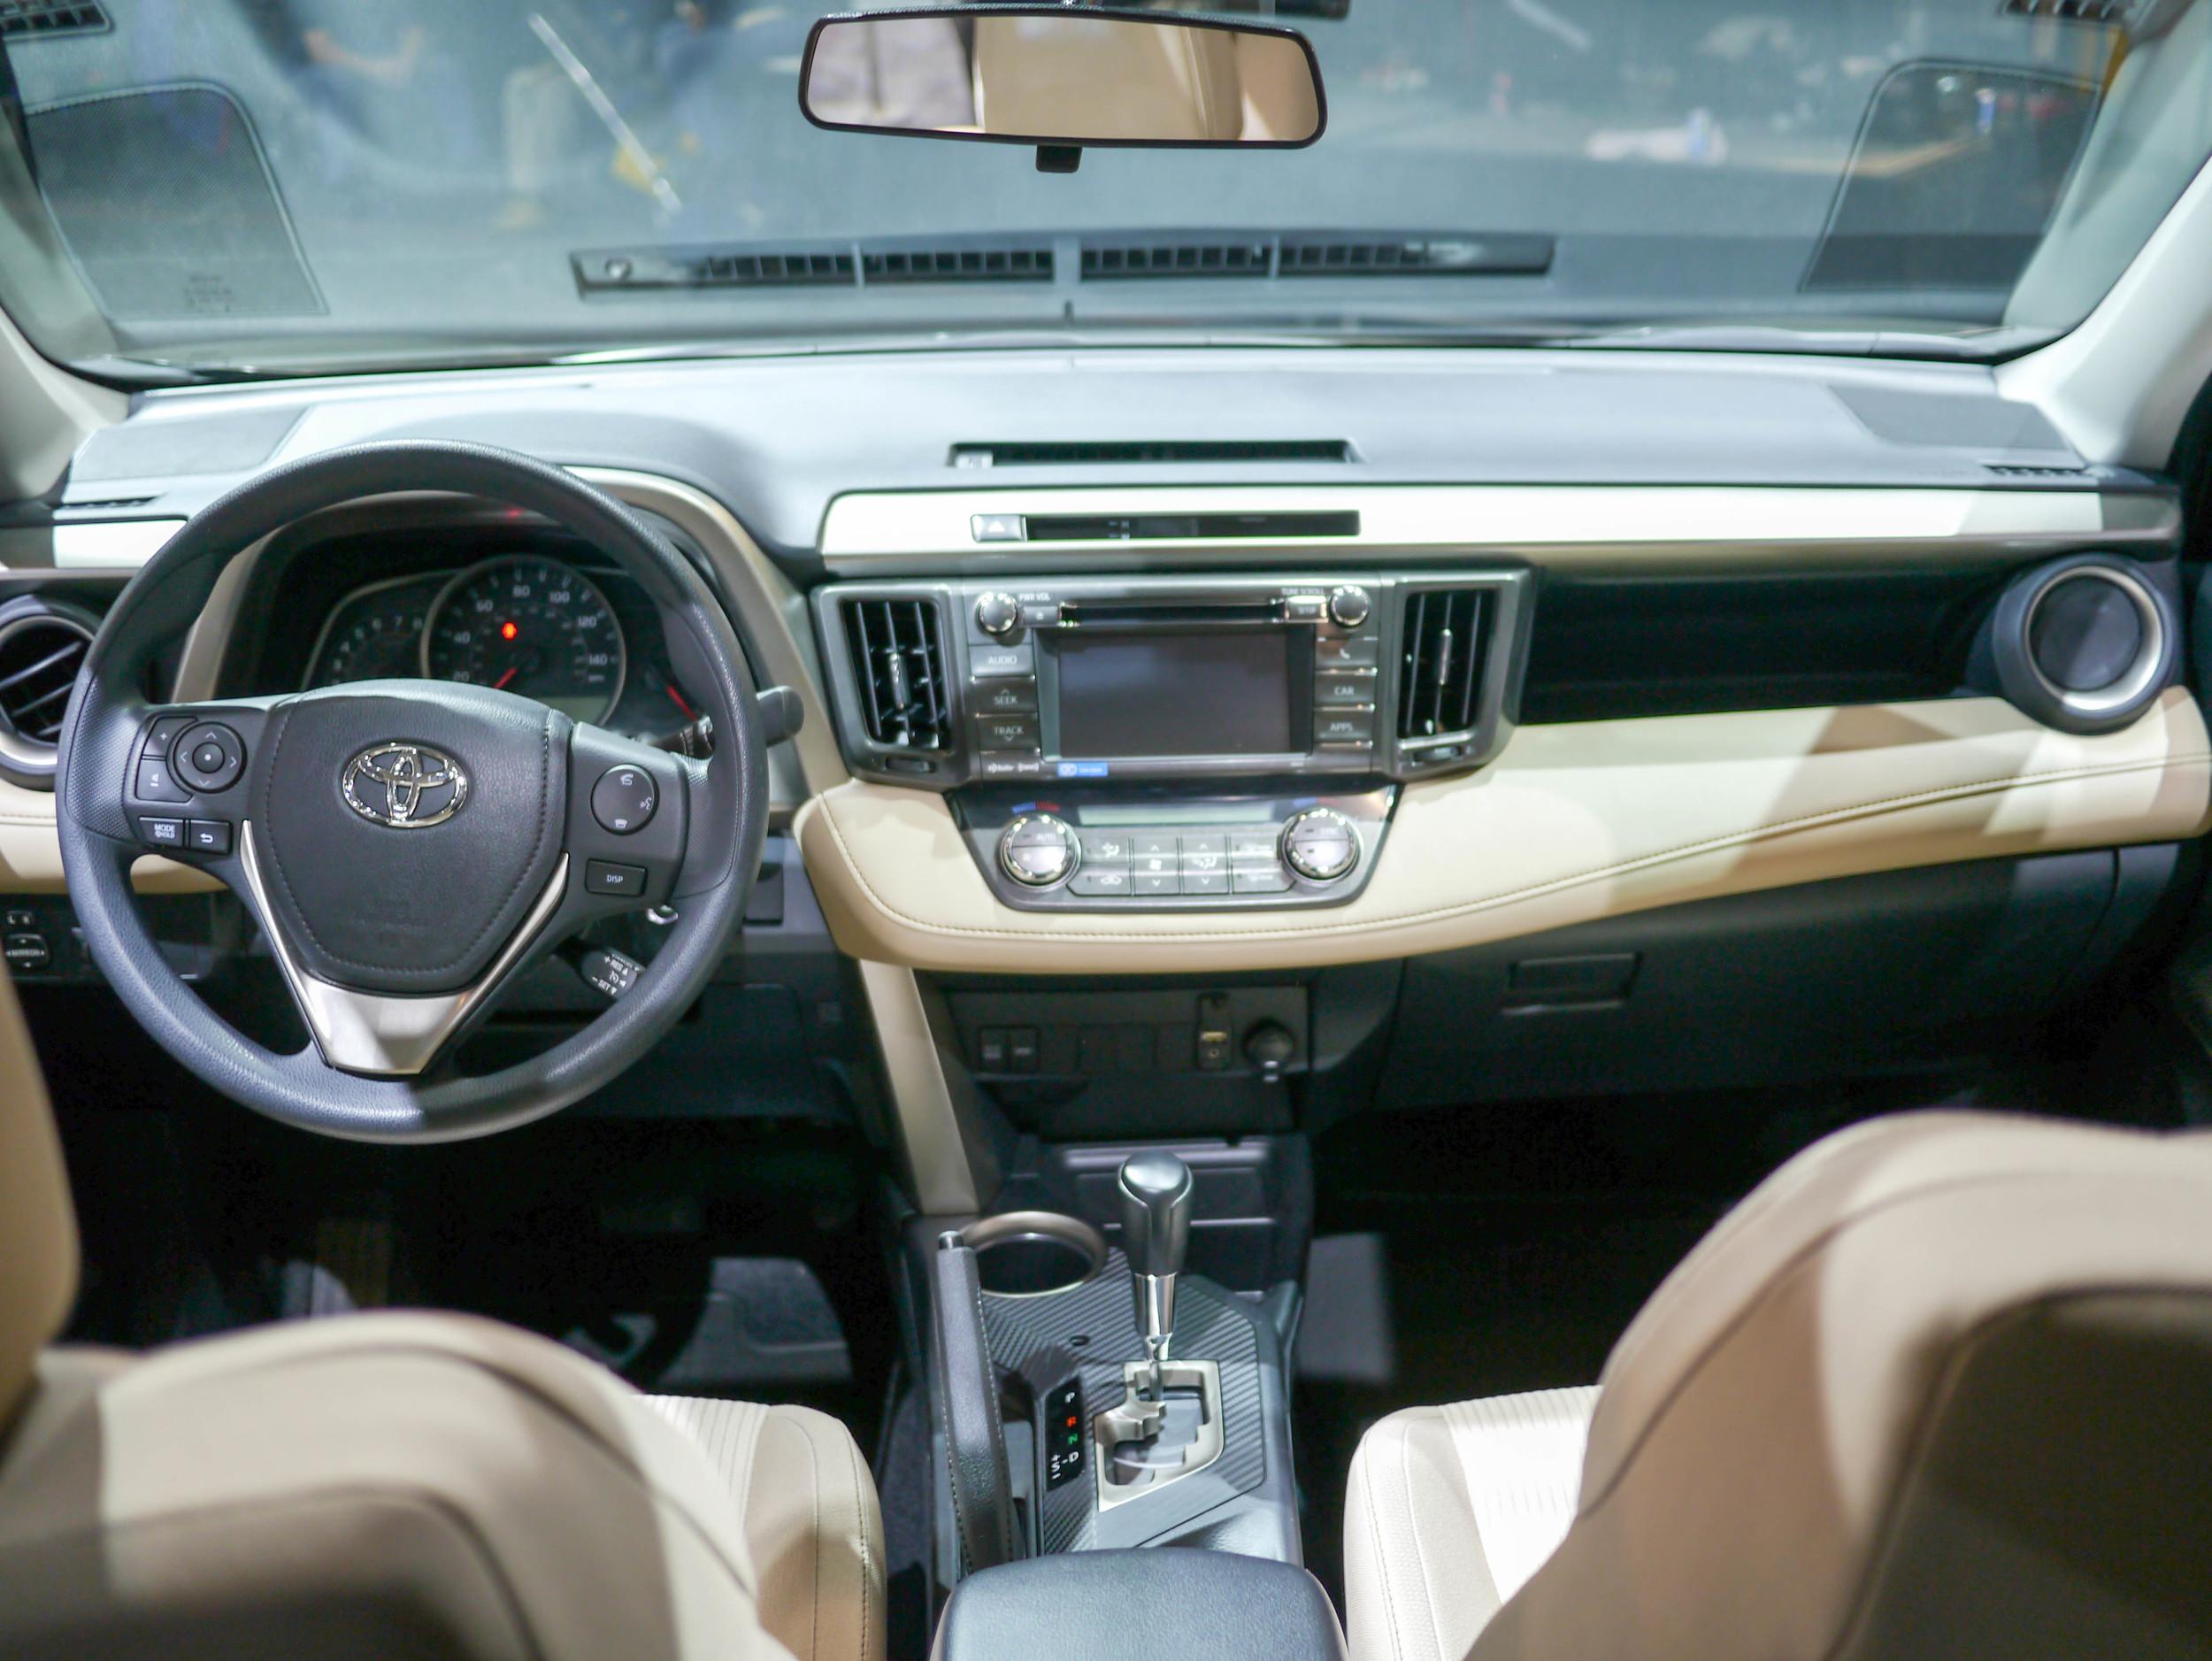 166_Toyota_RAV4_032713.jpg